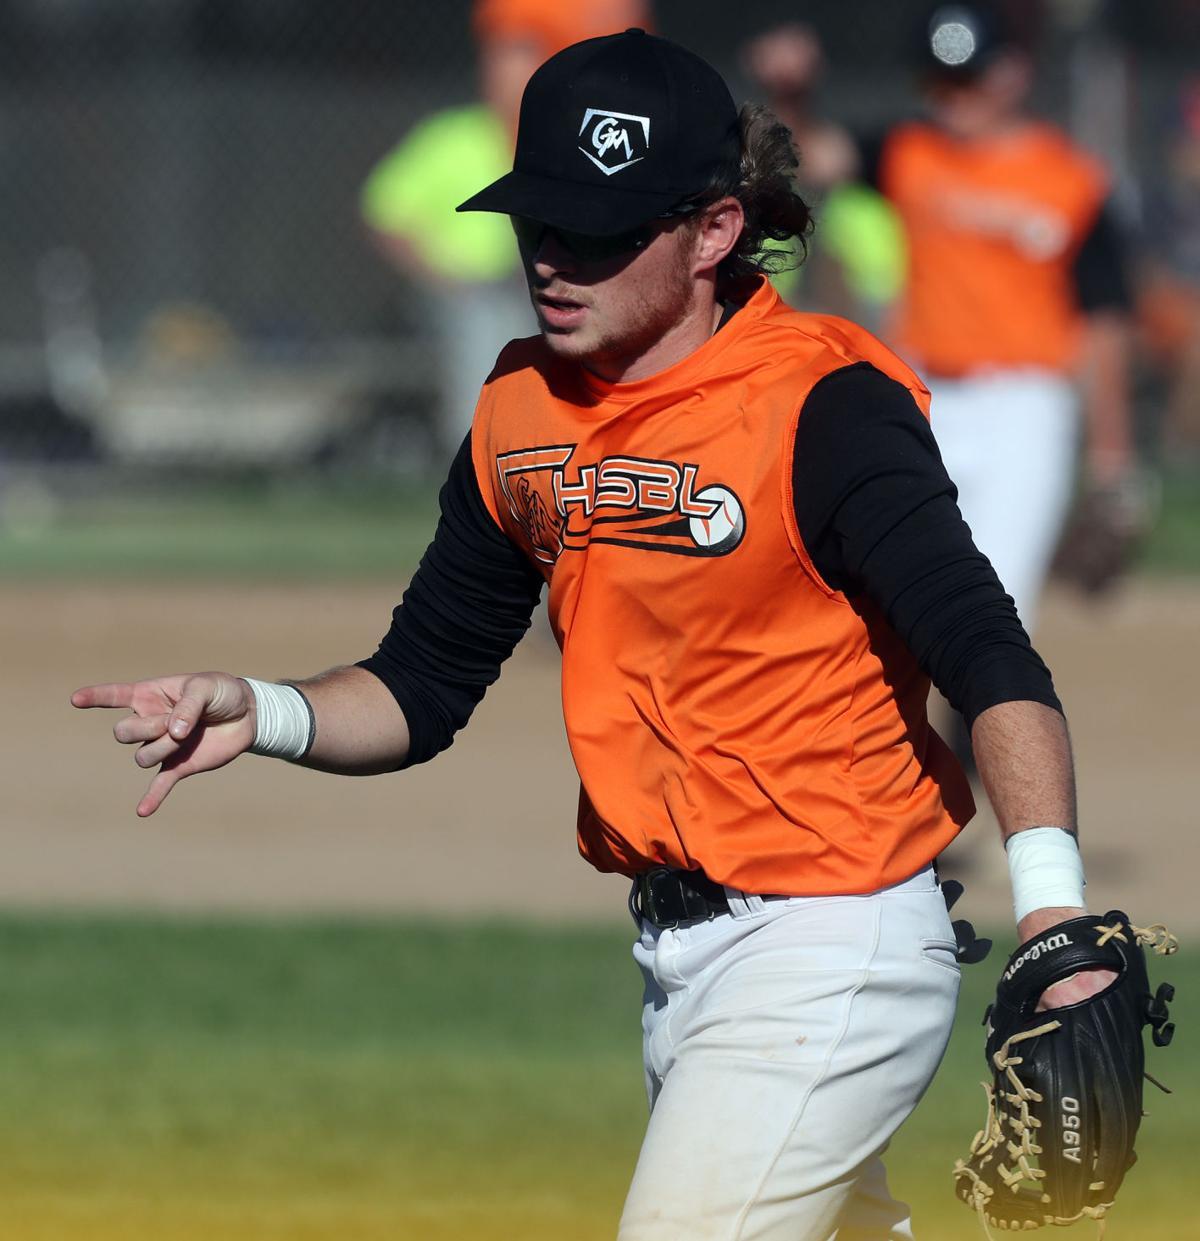 070920-GM Baseball 2-CPT